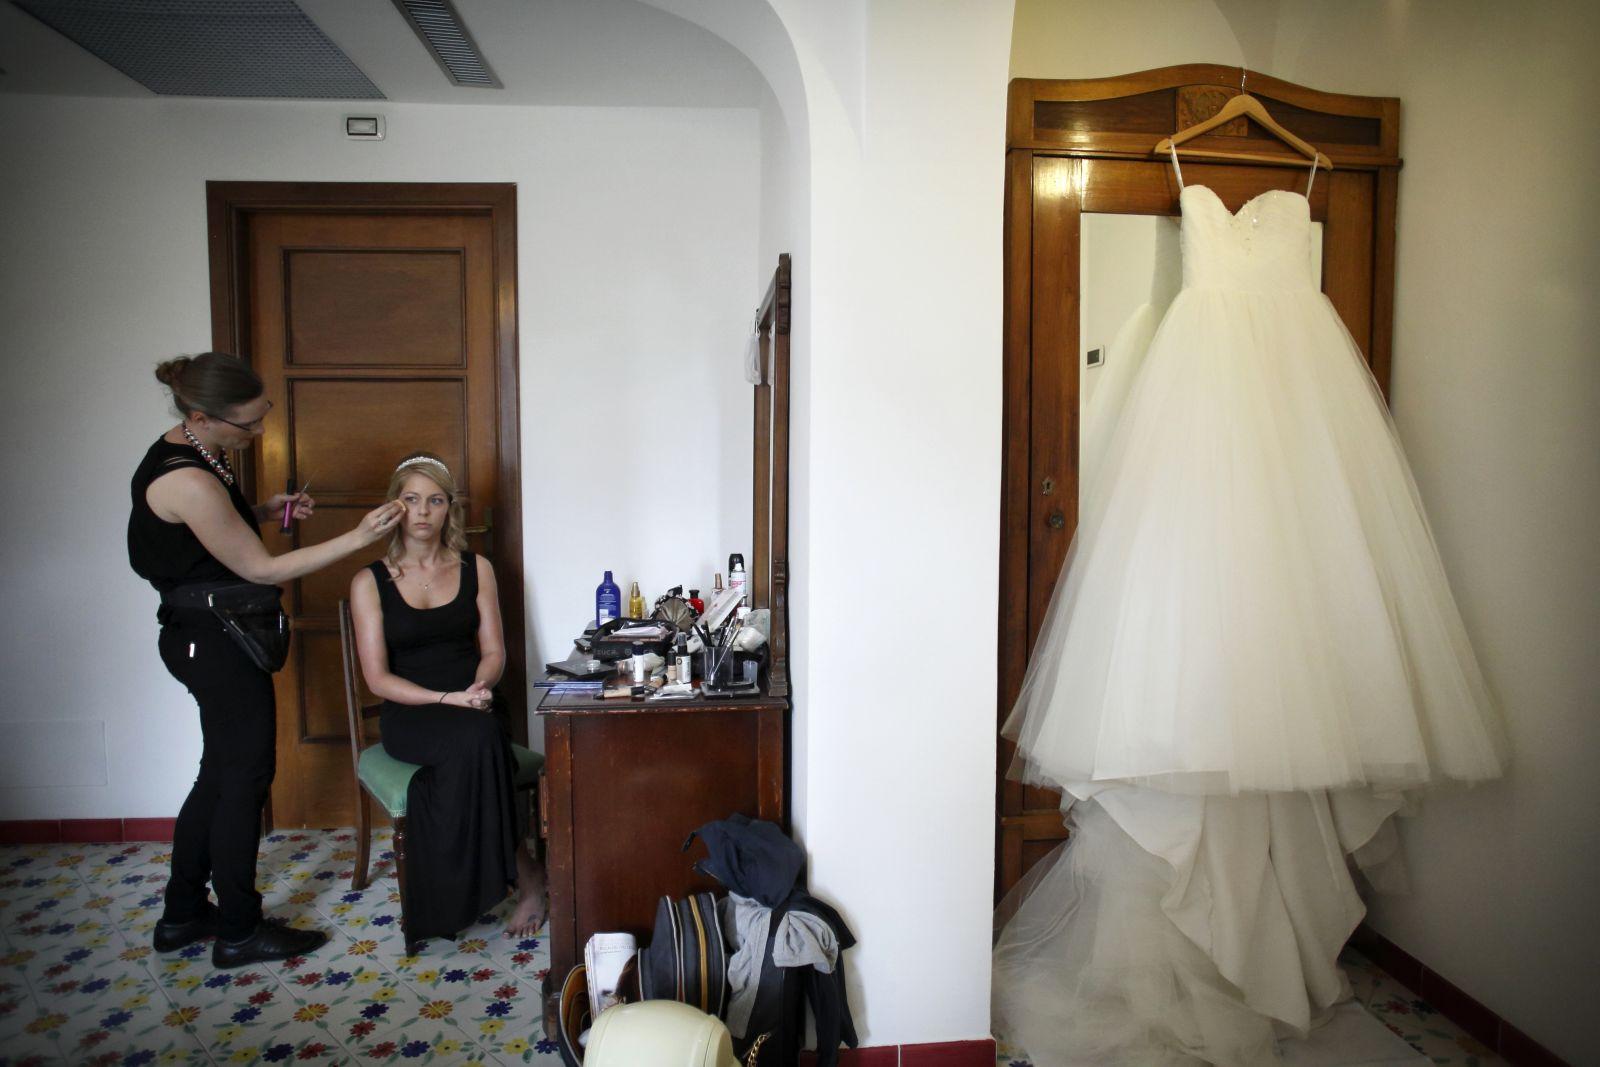 Amy & Bobby Wedding - Ravello, Amalfi Coast